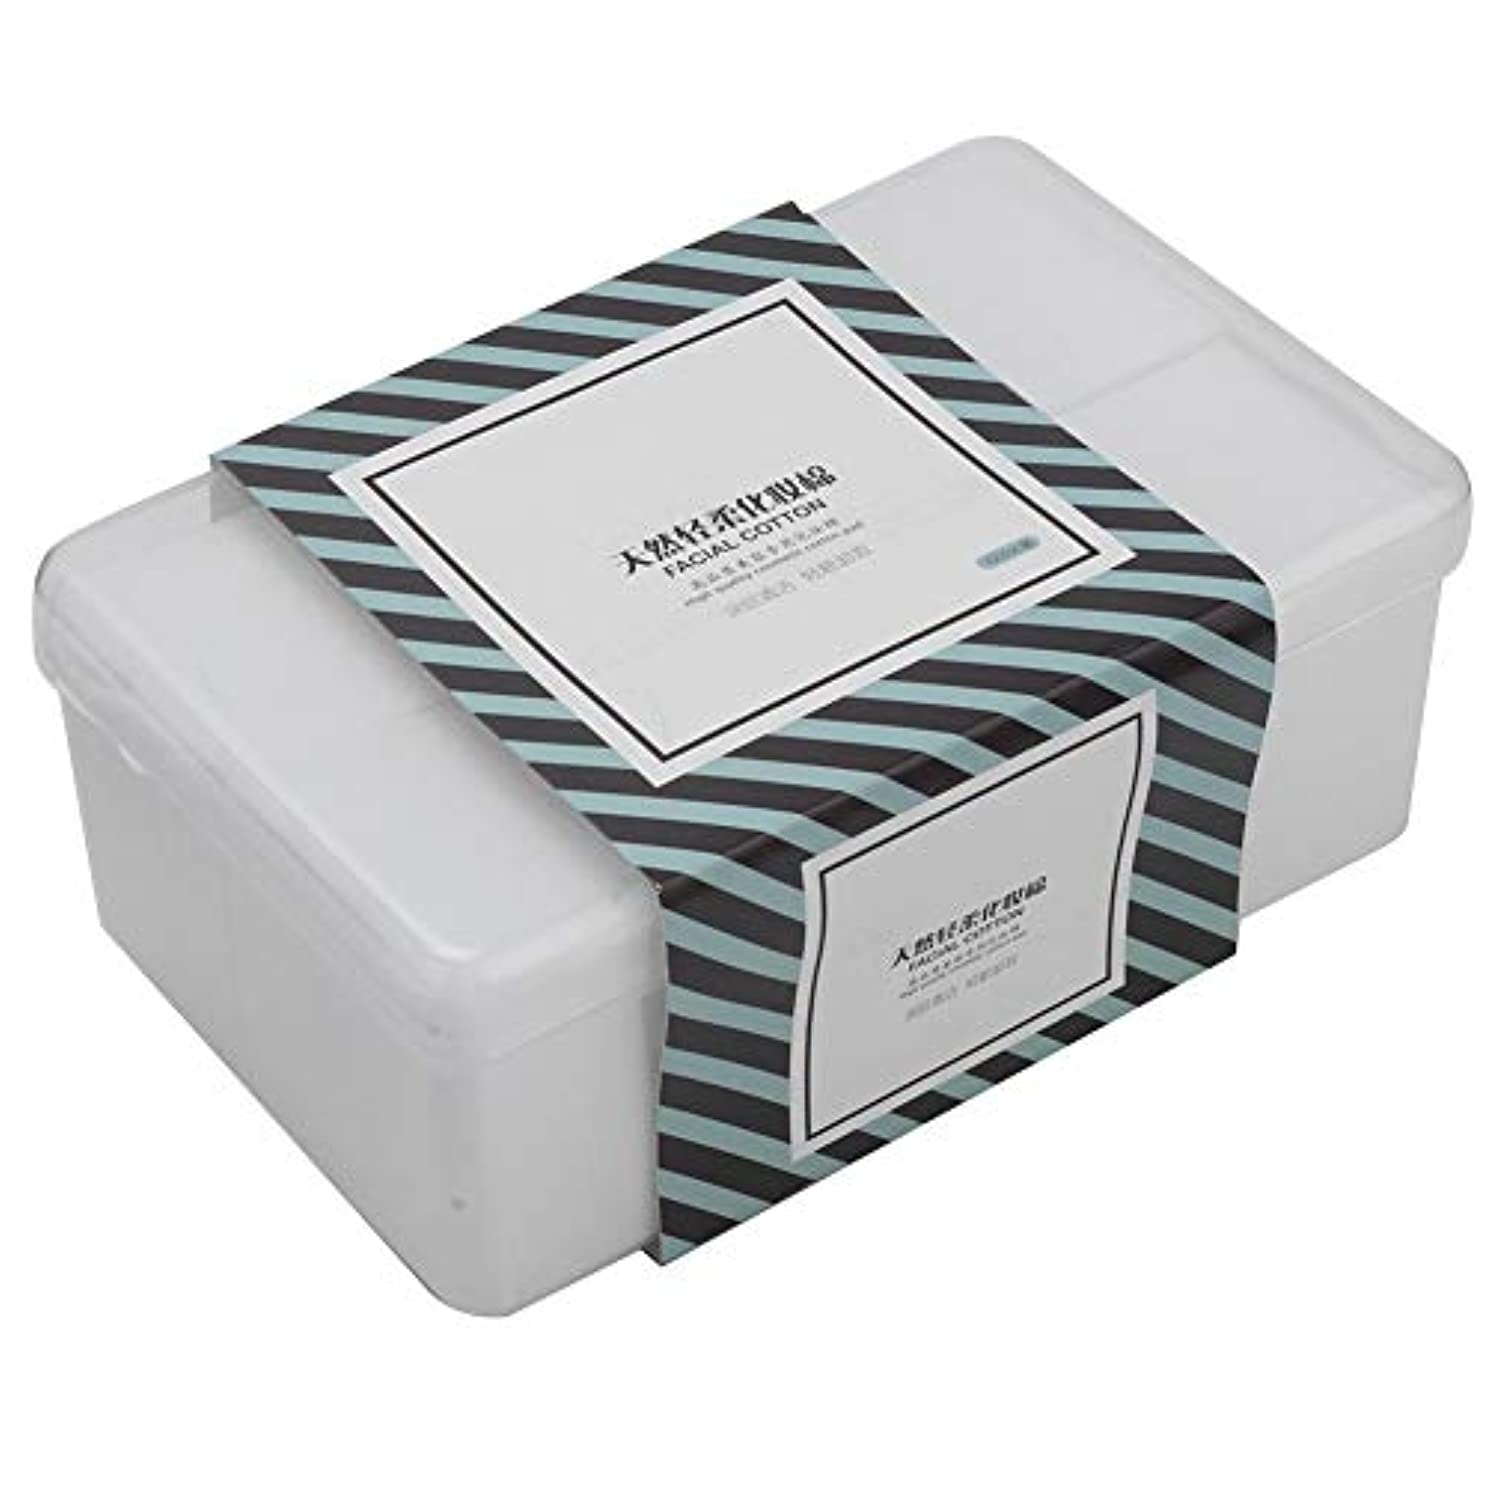 収束する拡張インフレーション1000枚 /箱の構造の綿パッドの化粧品は清潔になりますスキンケアを拭きます